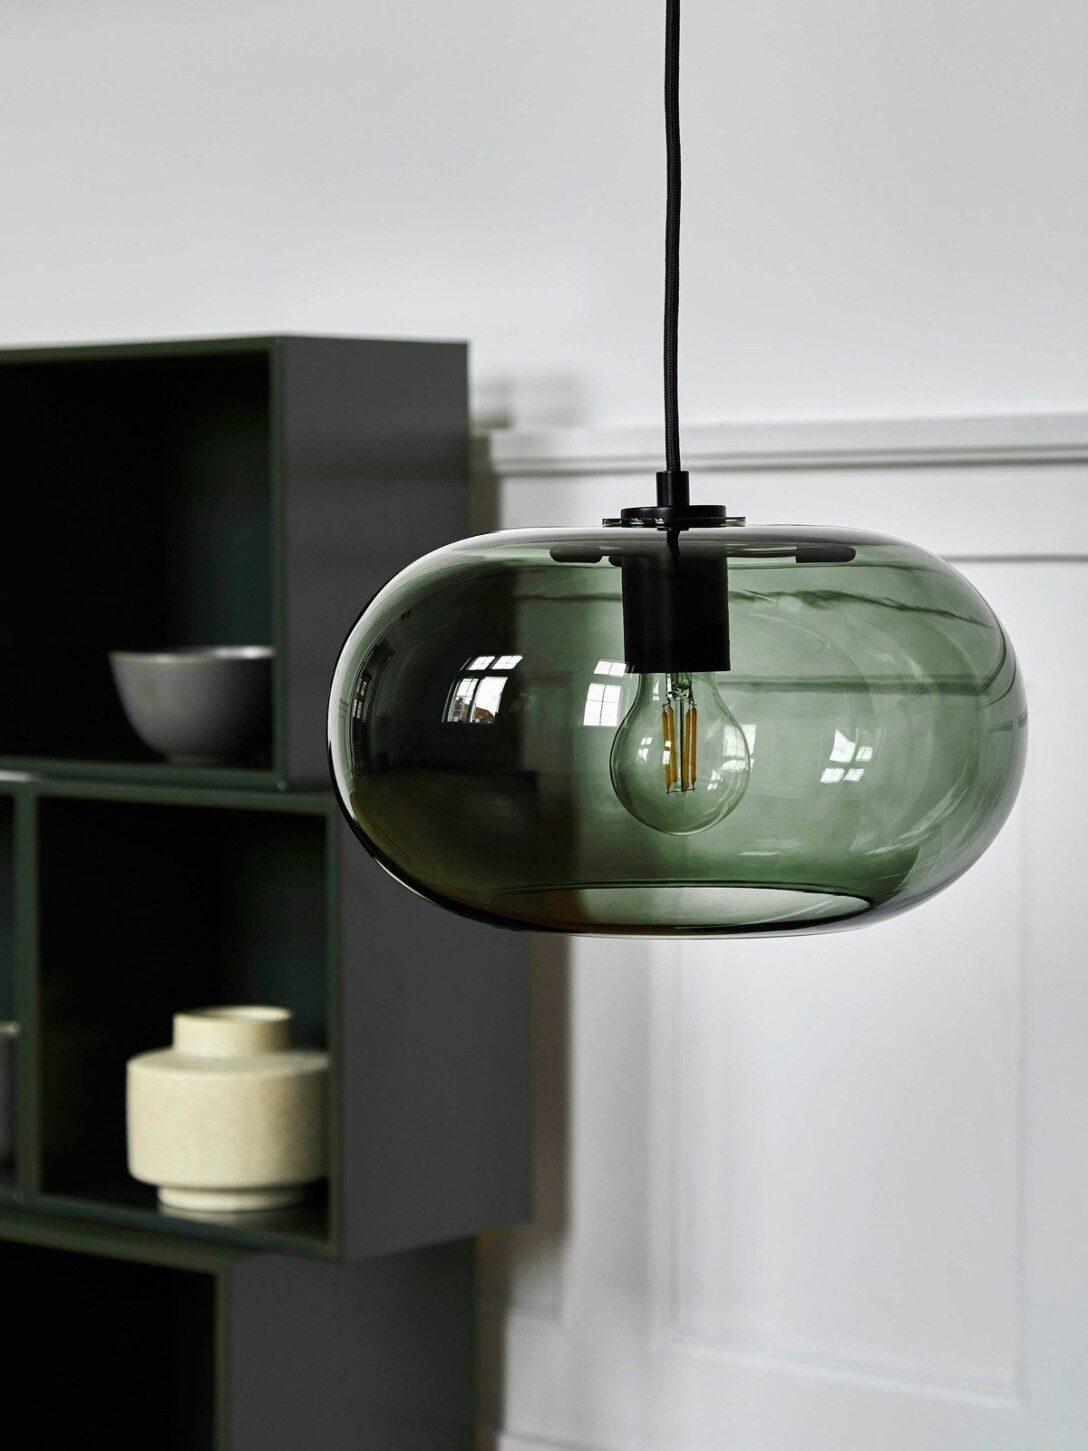 Large Size of Deckenlampe Skandinavisch Kobe New Glaslampen Wohnzimmer Küche Esstisch Schlafzimmer Bad Deckenlampen Modern Für Bett Wohnzimmer Deckenlampe Skandinavisch